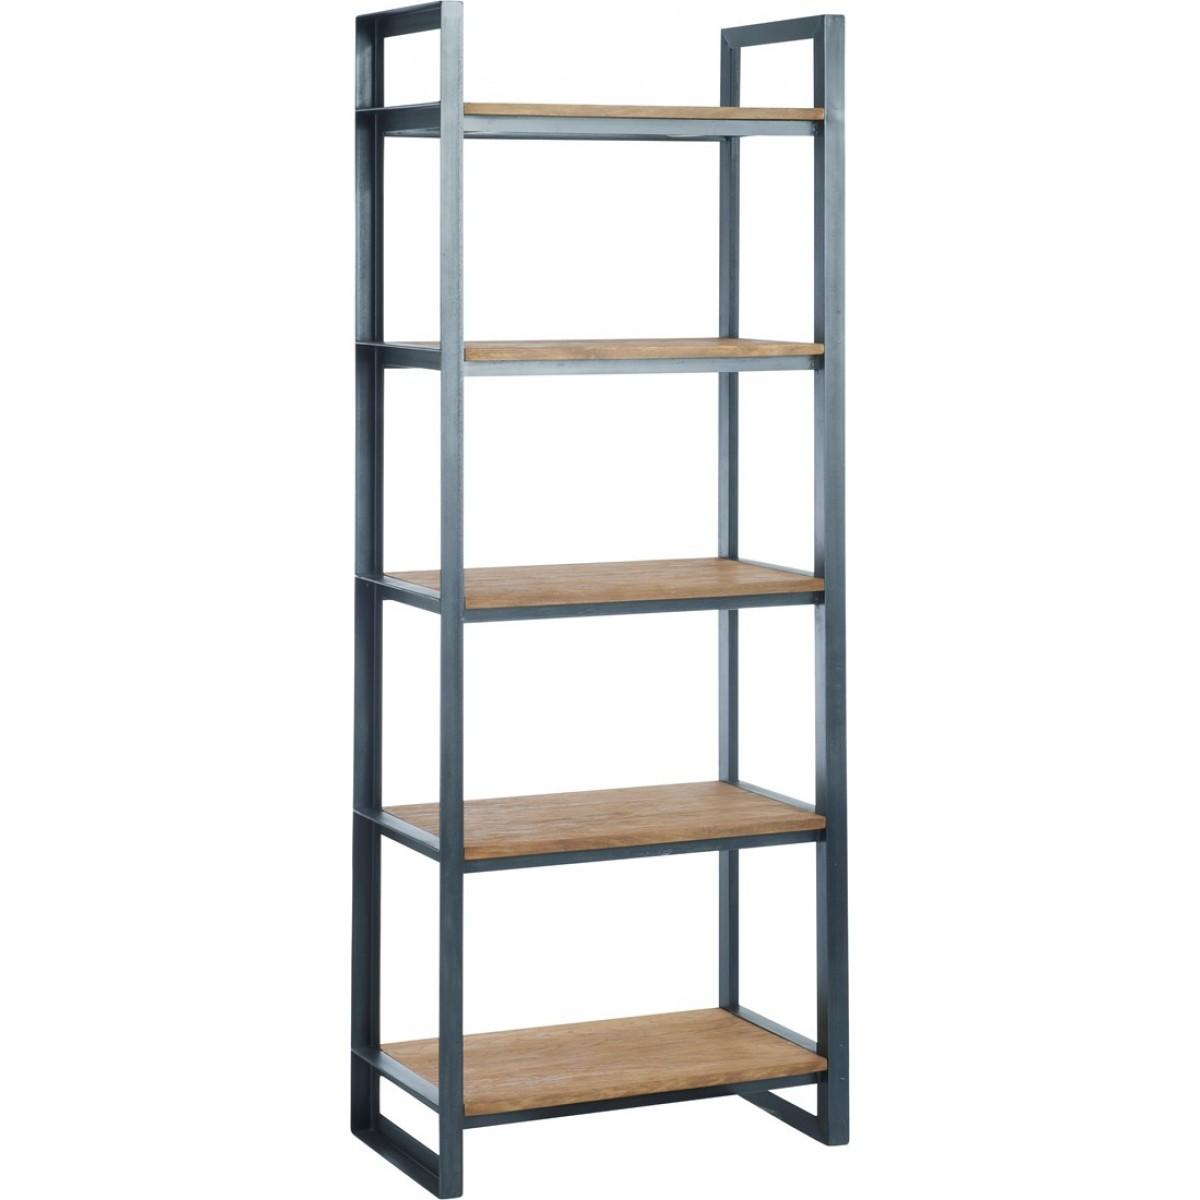 Bücherregal Metall Holz : regal industrie b cherregal metall holz breite 75 cm ~ Sanjose-hotels-ca.com Haus und Dekorationen